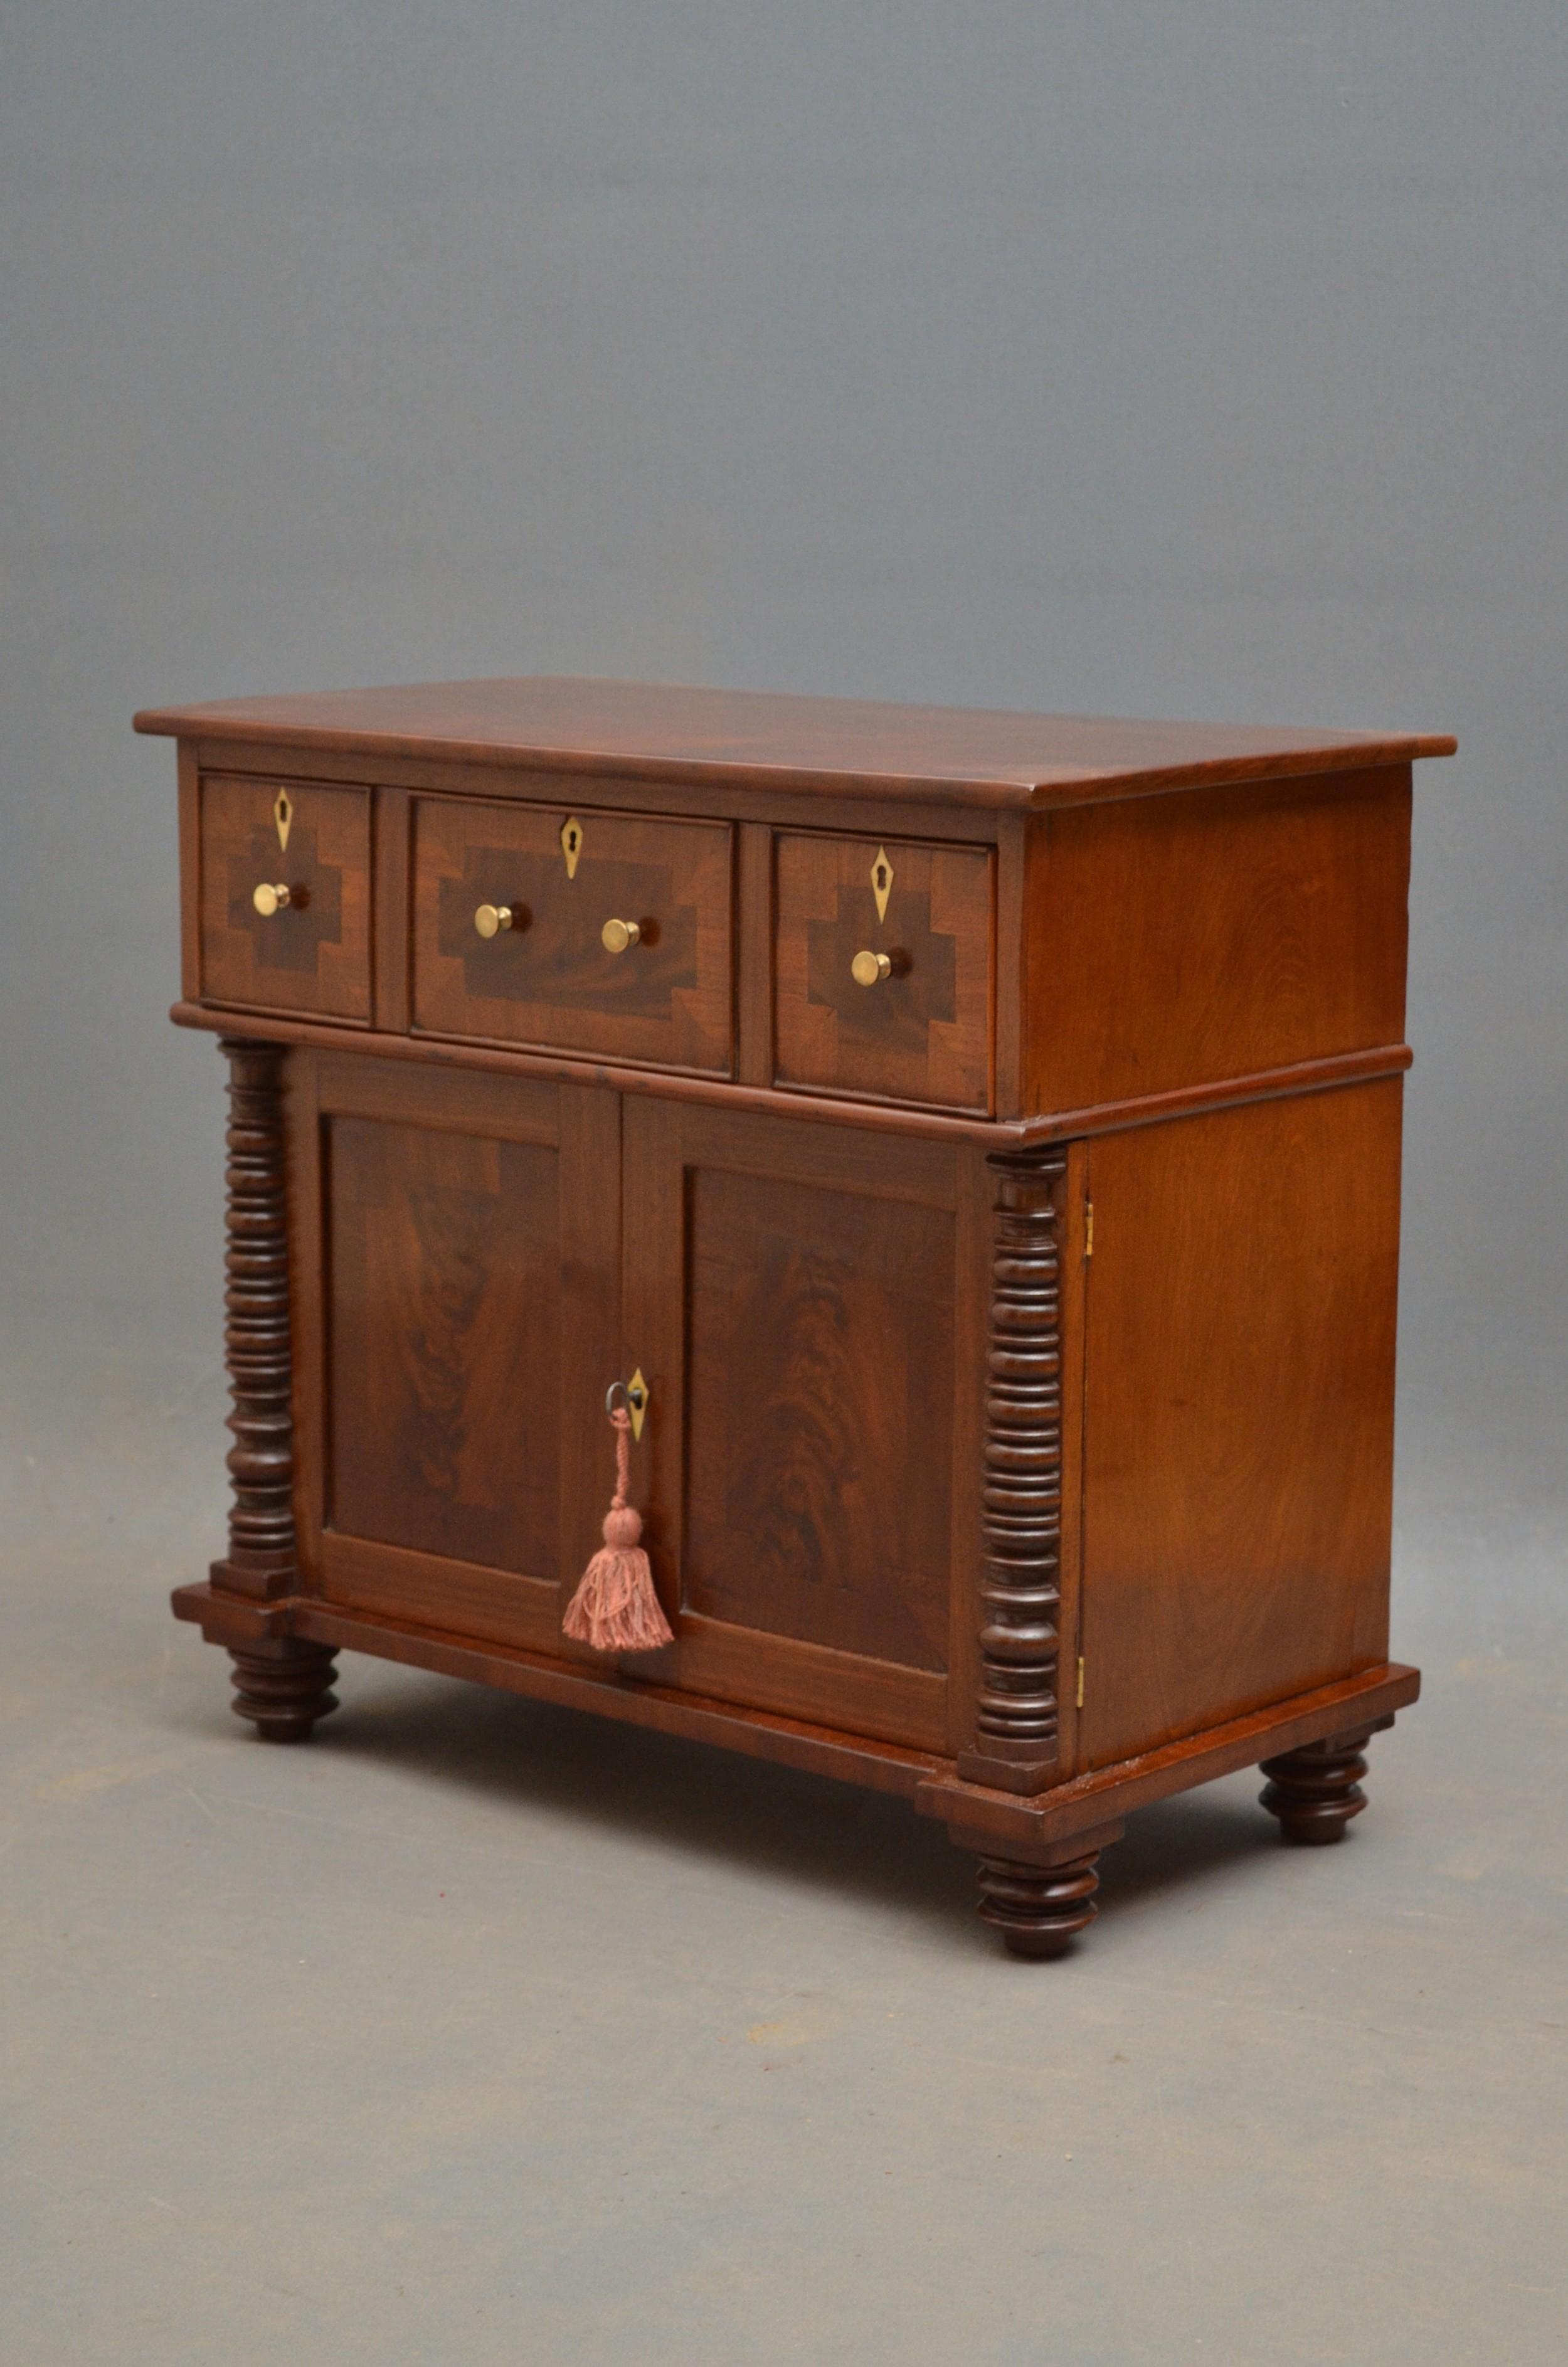 miniature regency mahogany chiffonier